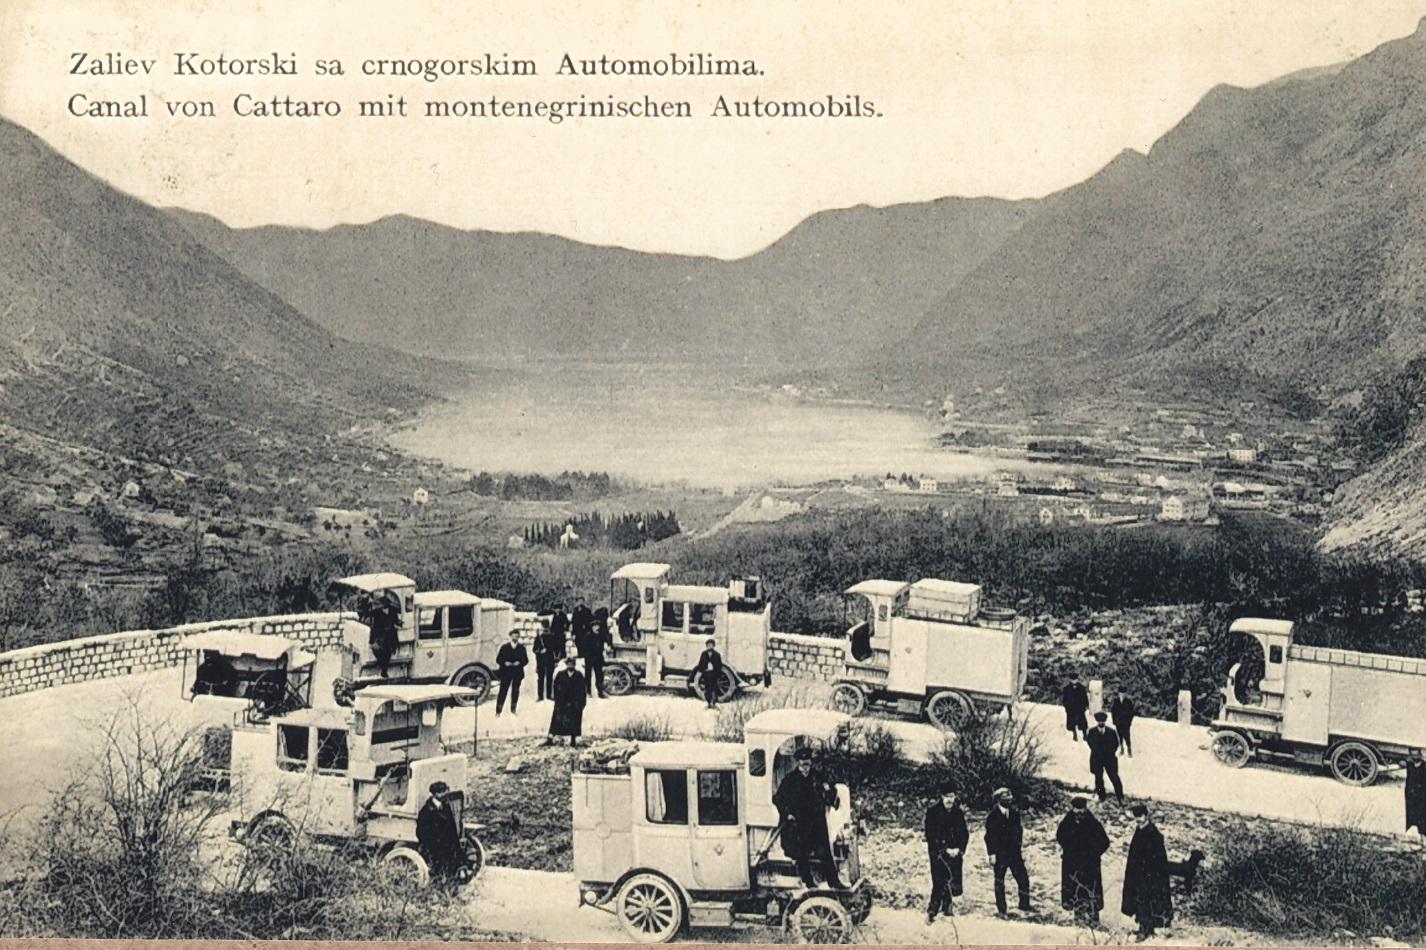 ,Cerna Hora-Montenegro'-Omnibusse und -Transporter: Fünf Busse und zwei Lieferwagen vom Typ E ,Cerna Hora-Montenegro' in der Serpentine über der Bucht von Kotor